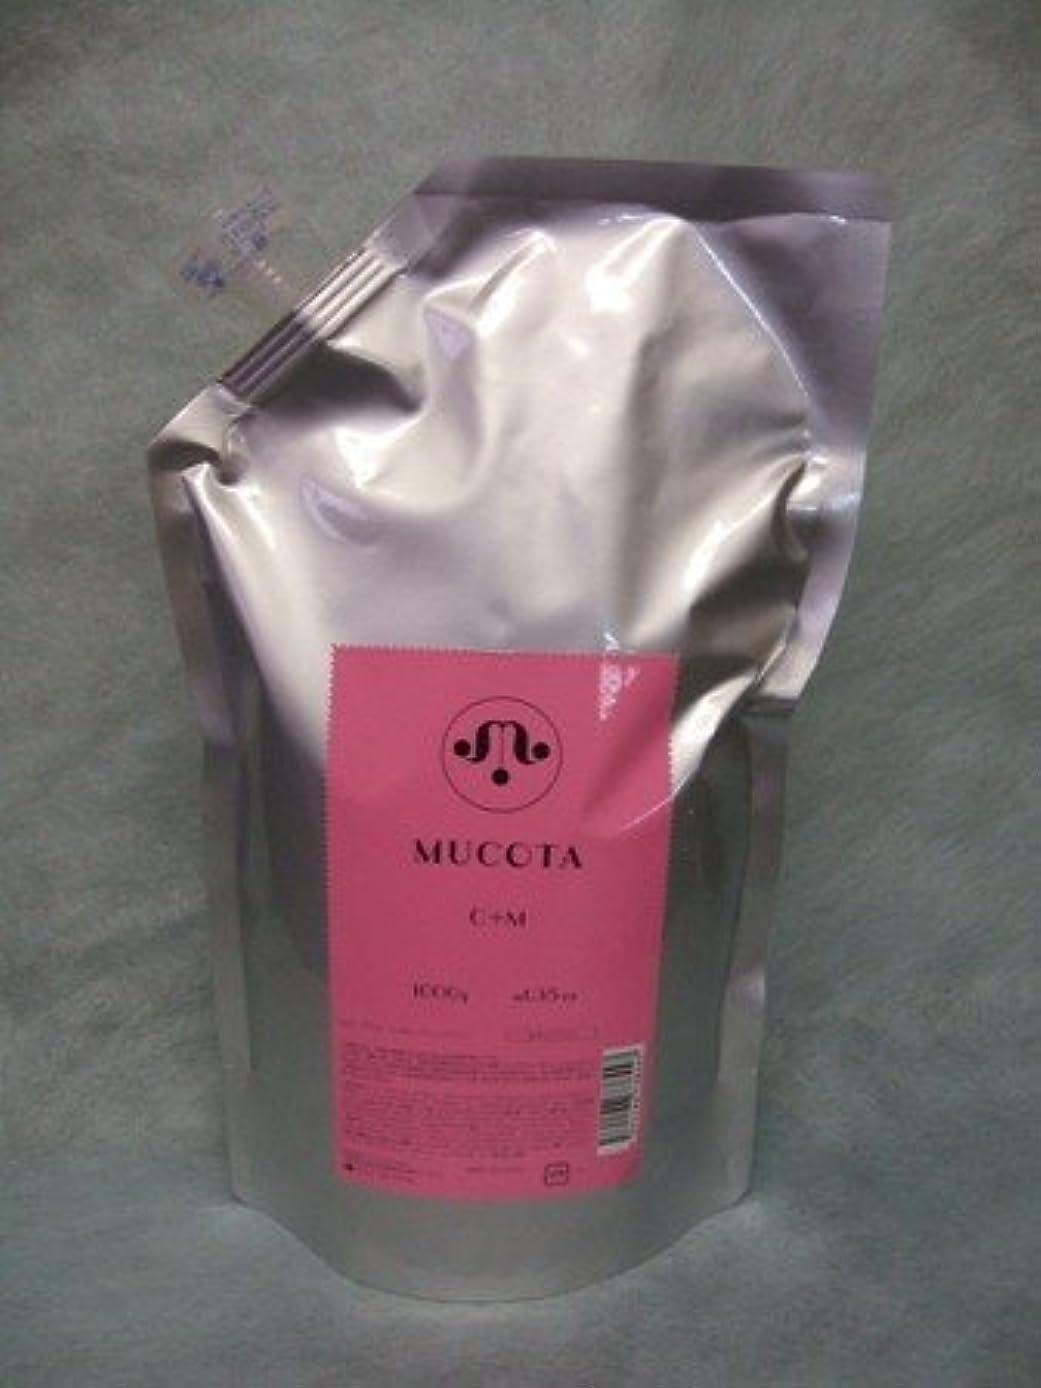 安らぎ発掘する豚【MUCOTA】ムコタ ライブ ルミネスタ C+M 1000g【詰替え】【業務用】